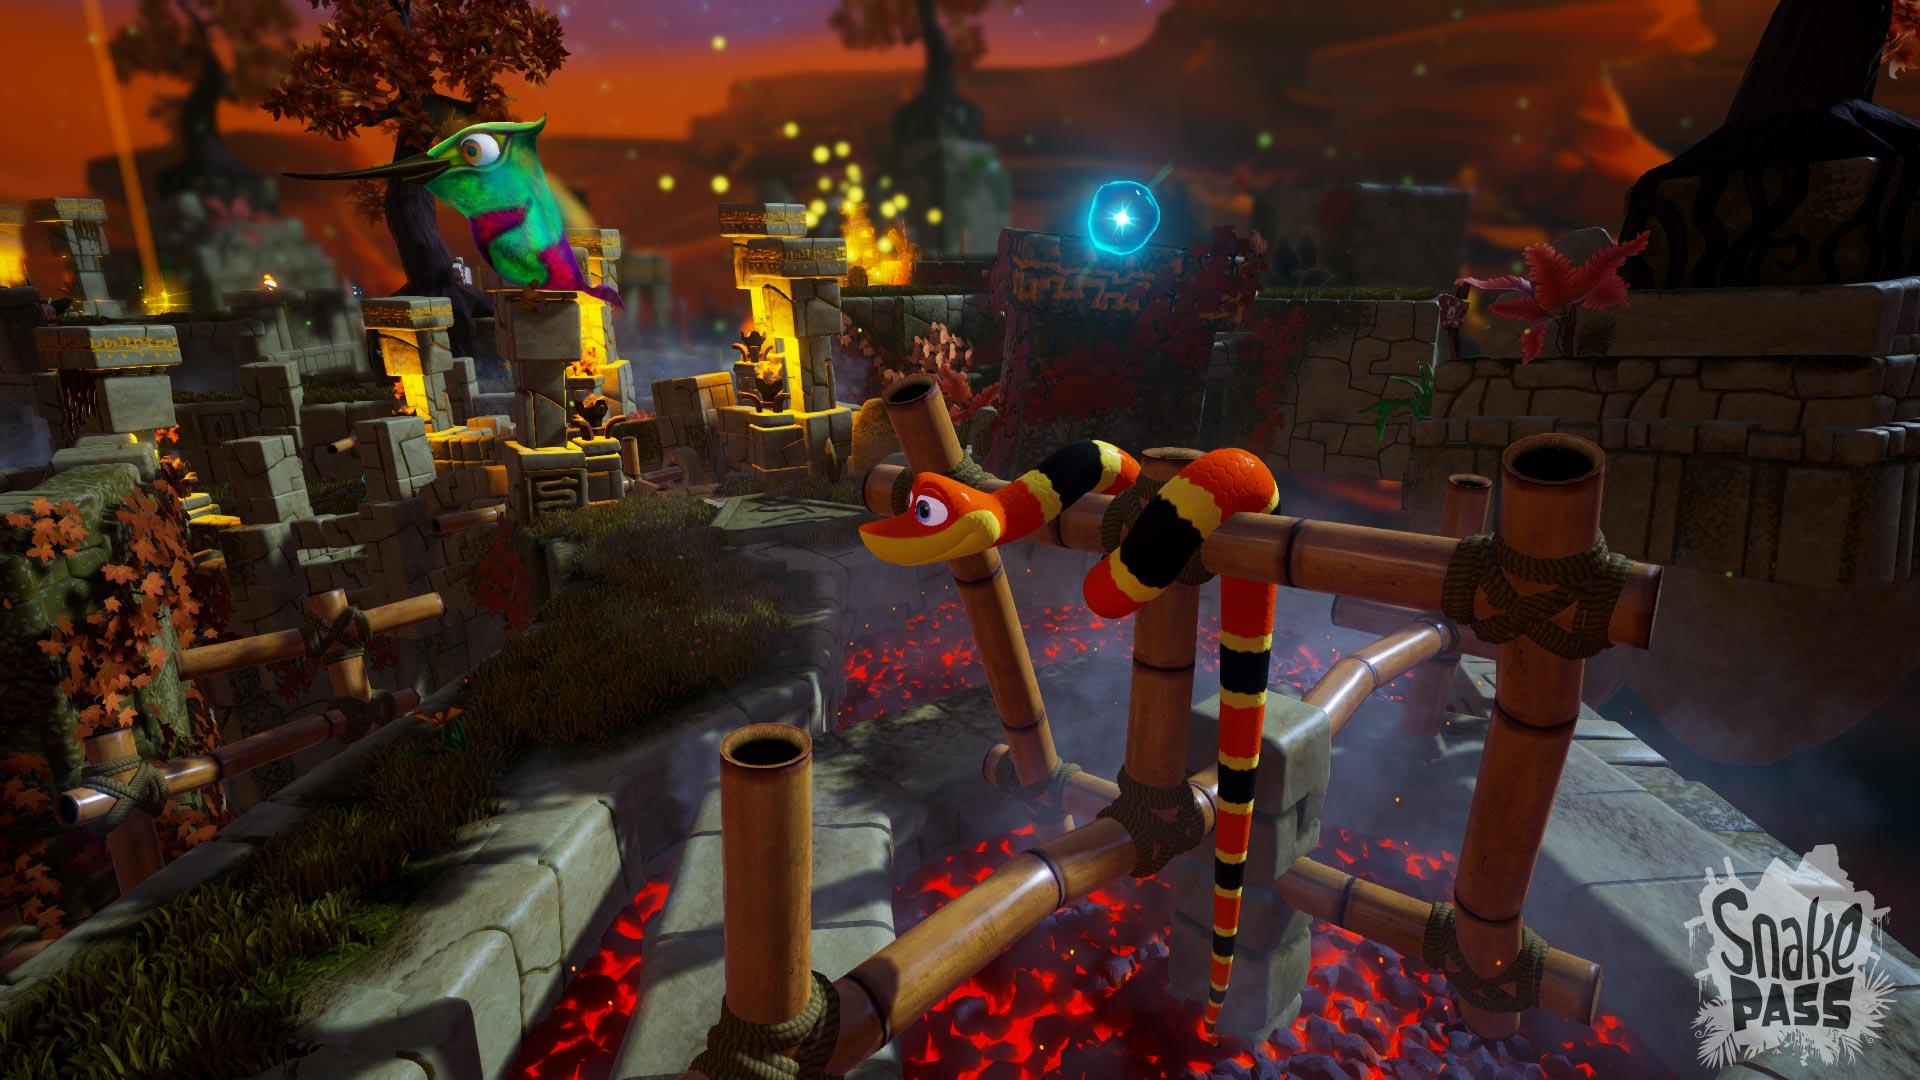 Snake-Pass---Fire-Screenshot-4.jpg